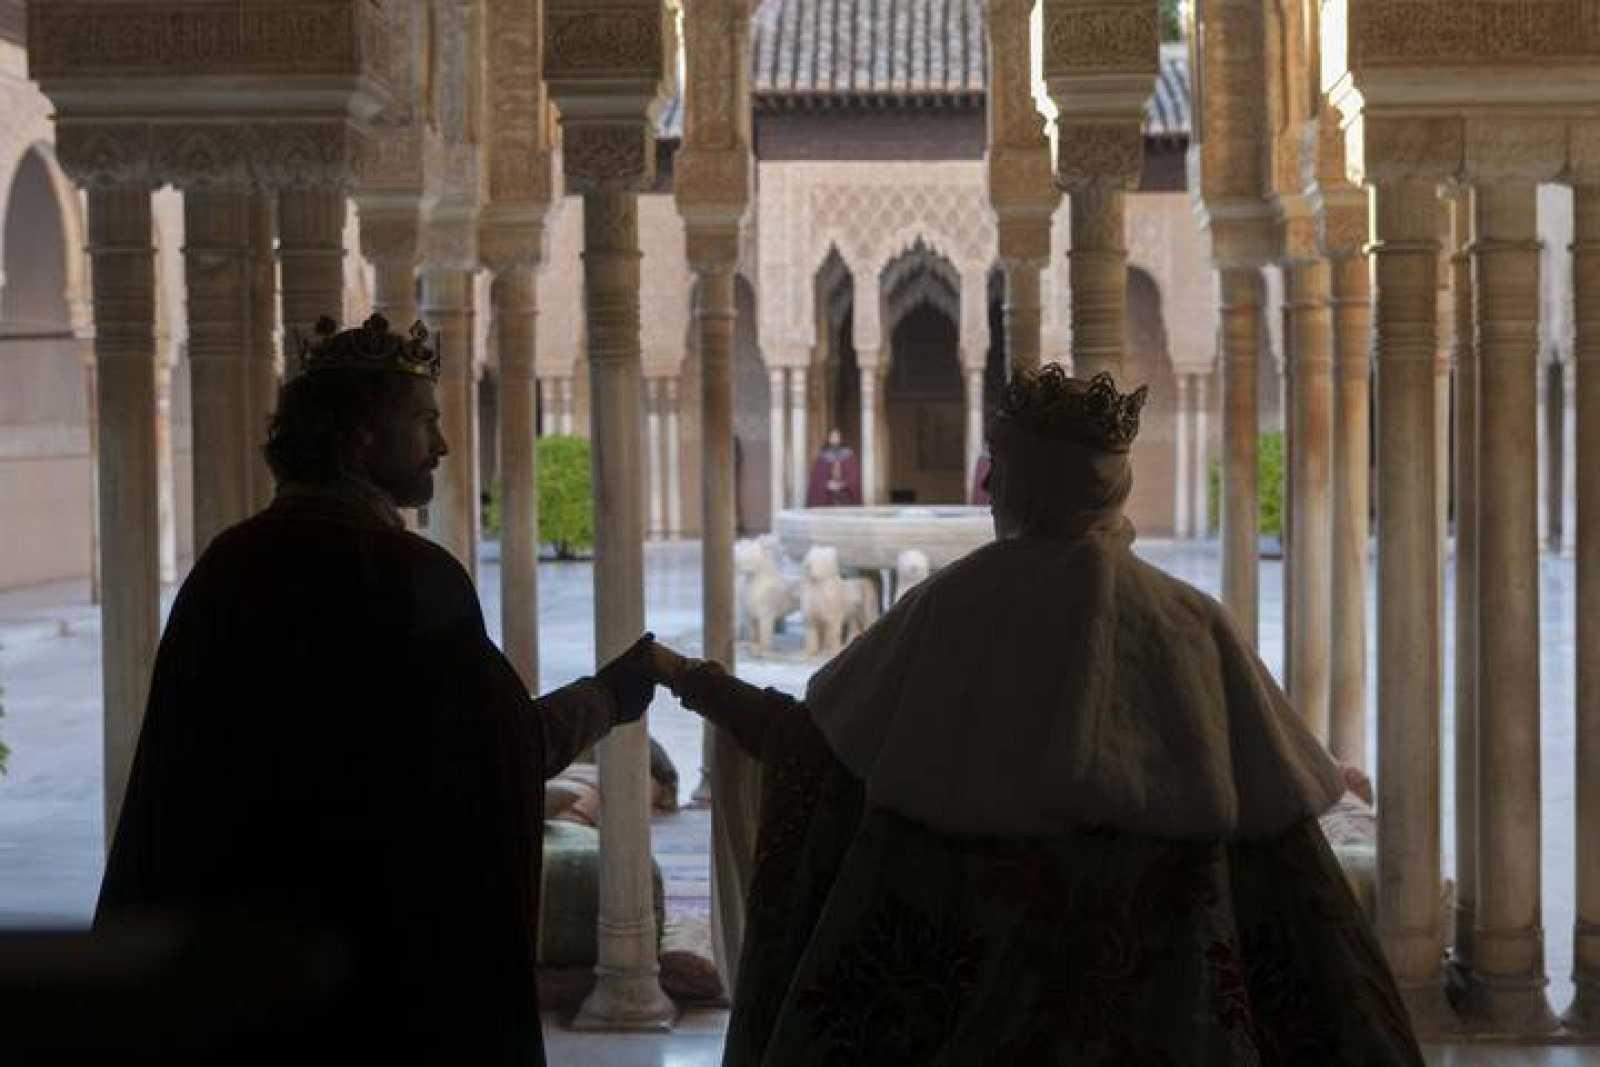 Los Reyes Católicos llegan a la Alhambra.